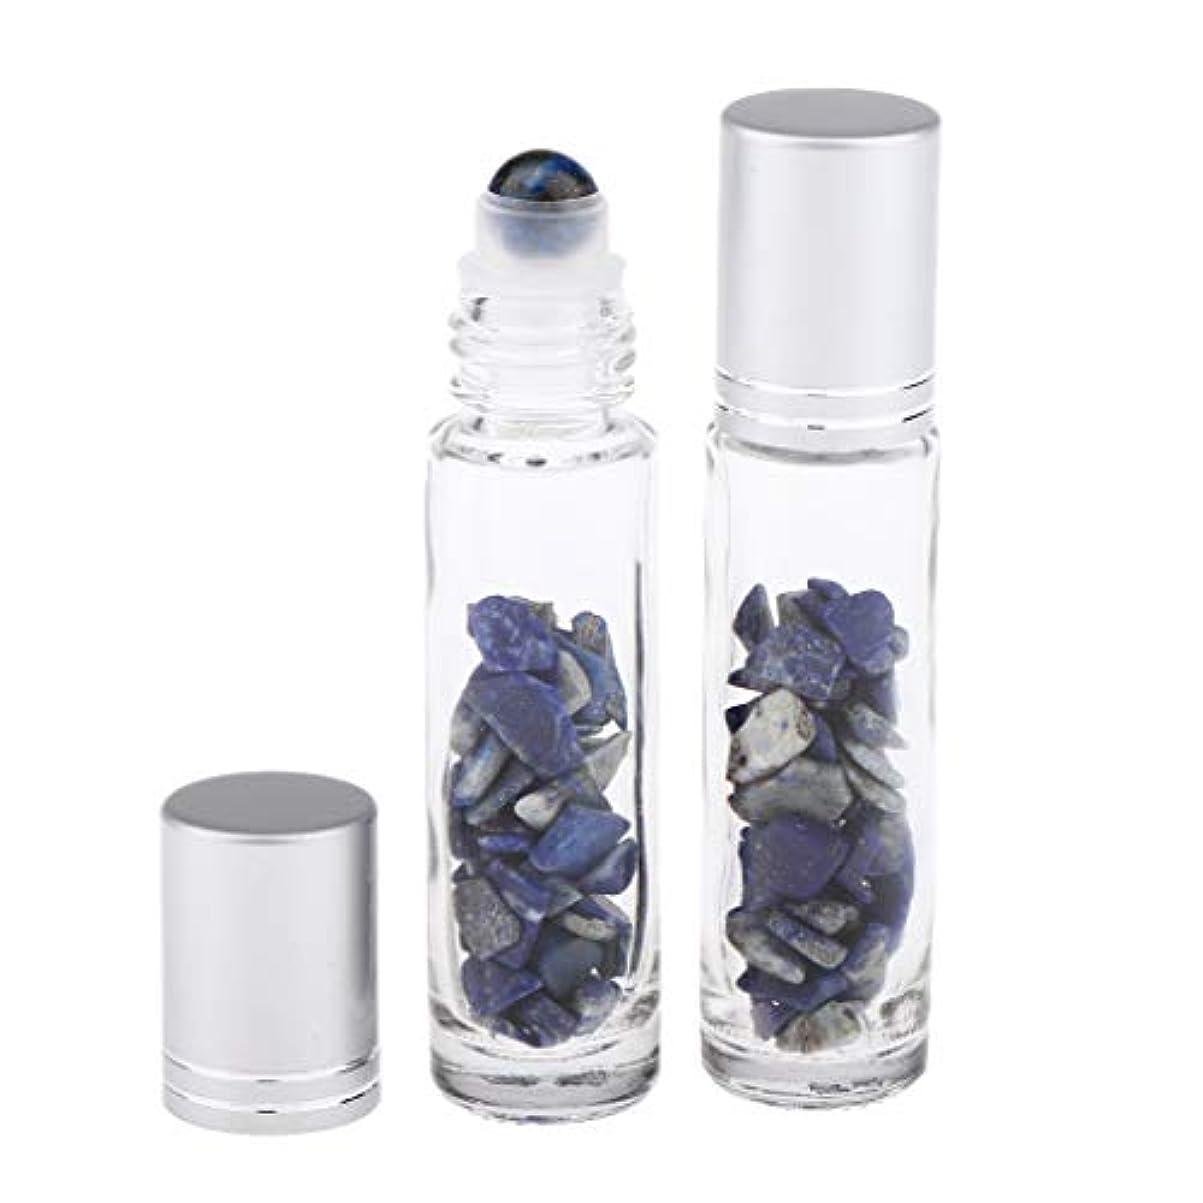 麻痺させる割れ目値Hellery 10ml ガラスボトル 香水ボトル 精油瓶 アトマイザー 詰替え ロールオンボトル 天然石 2個 - ラズライト